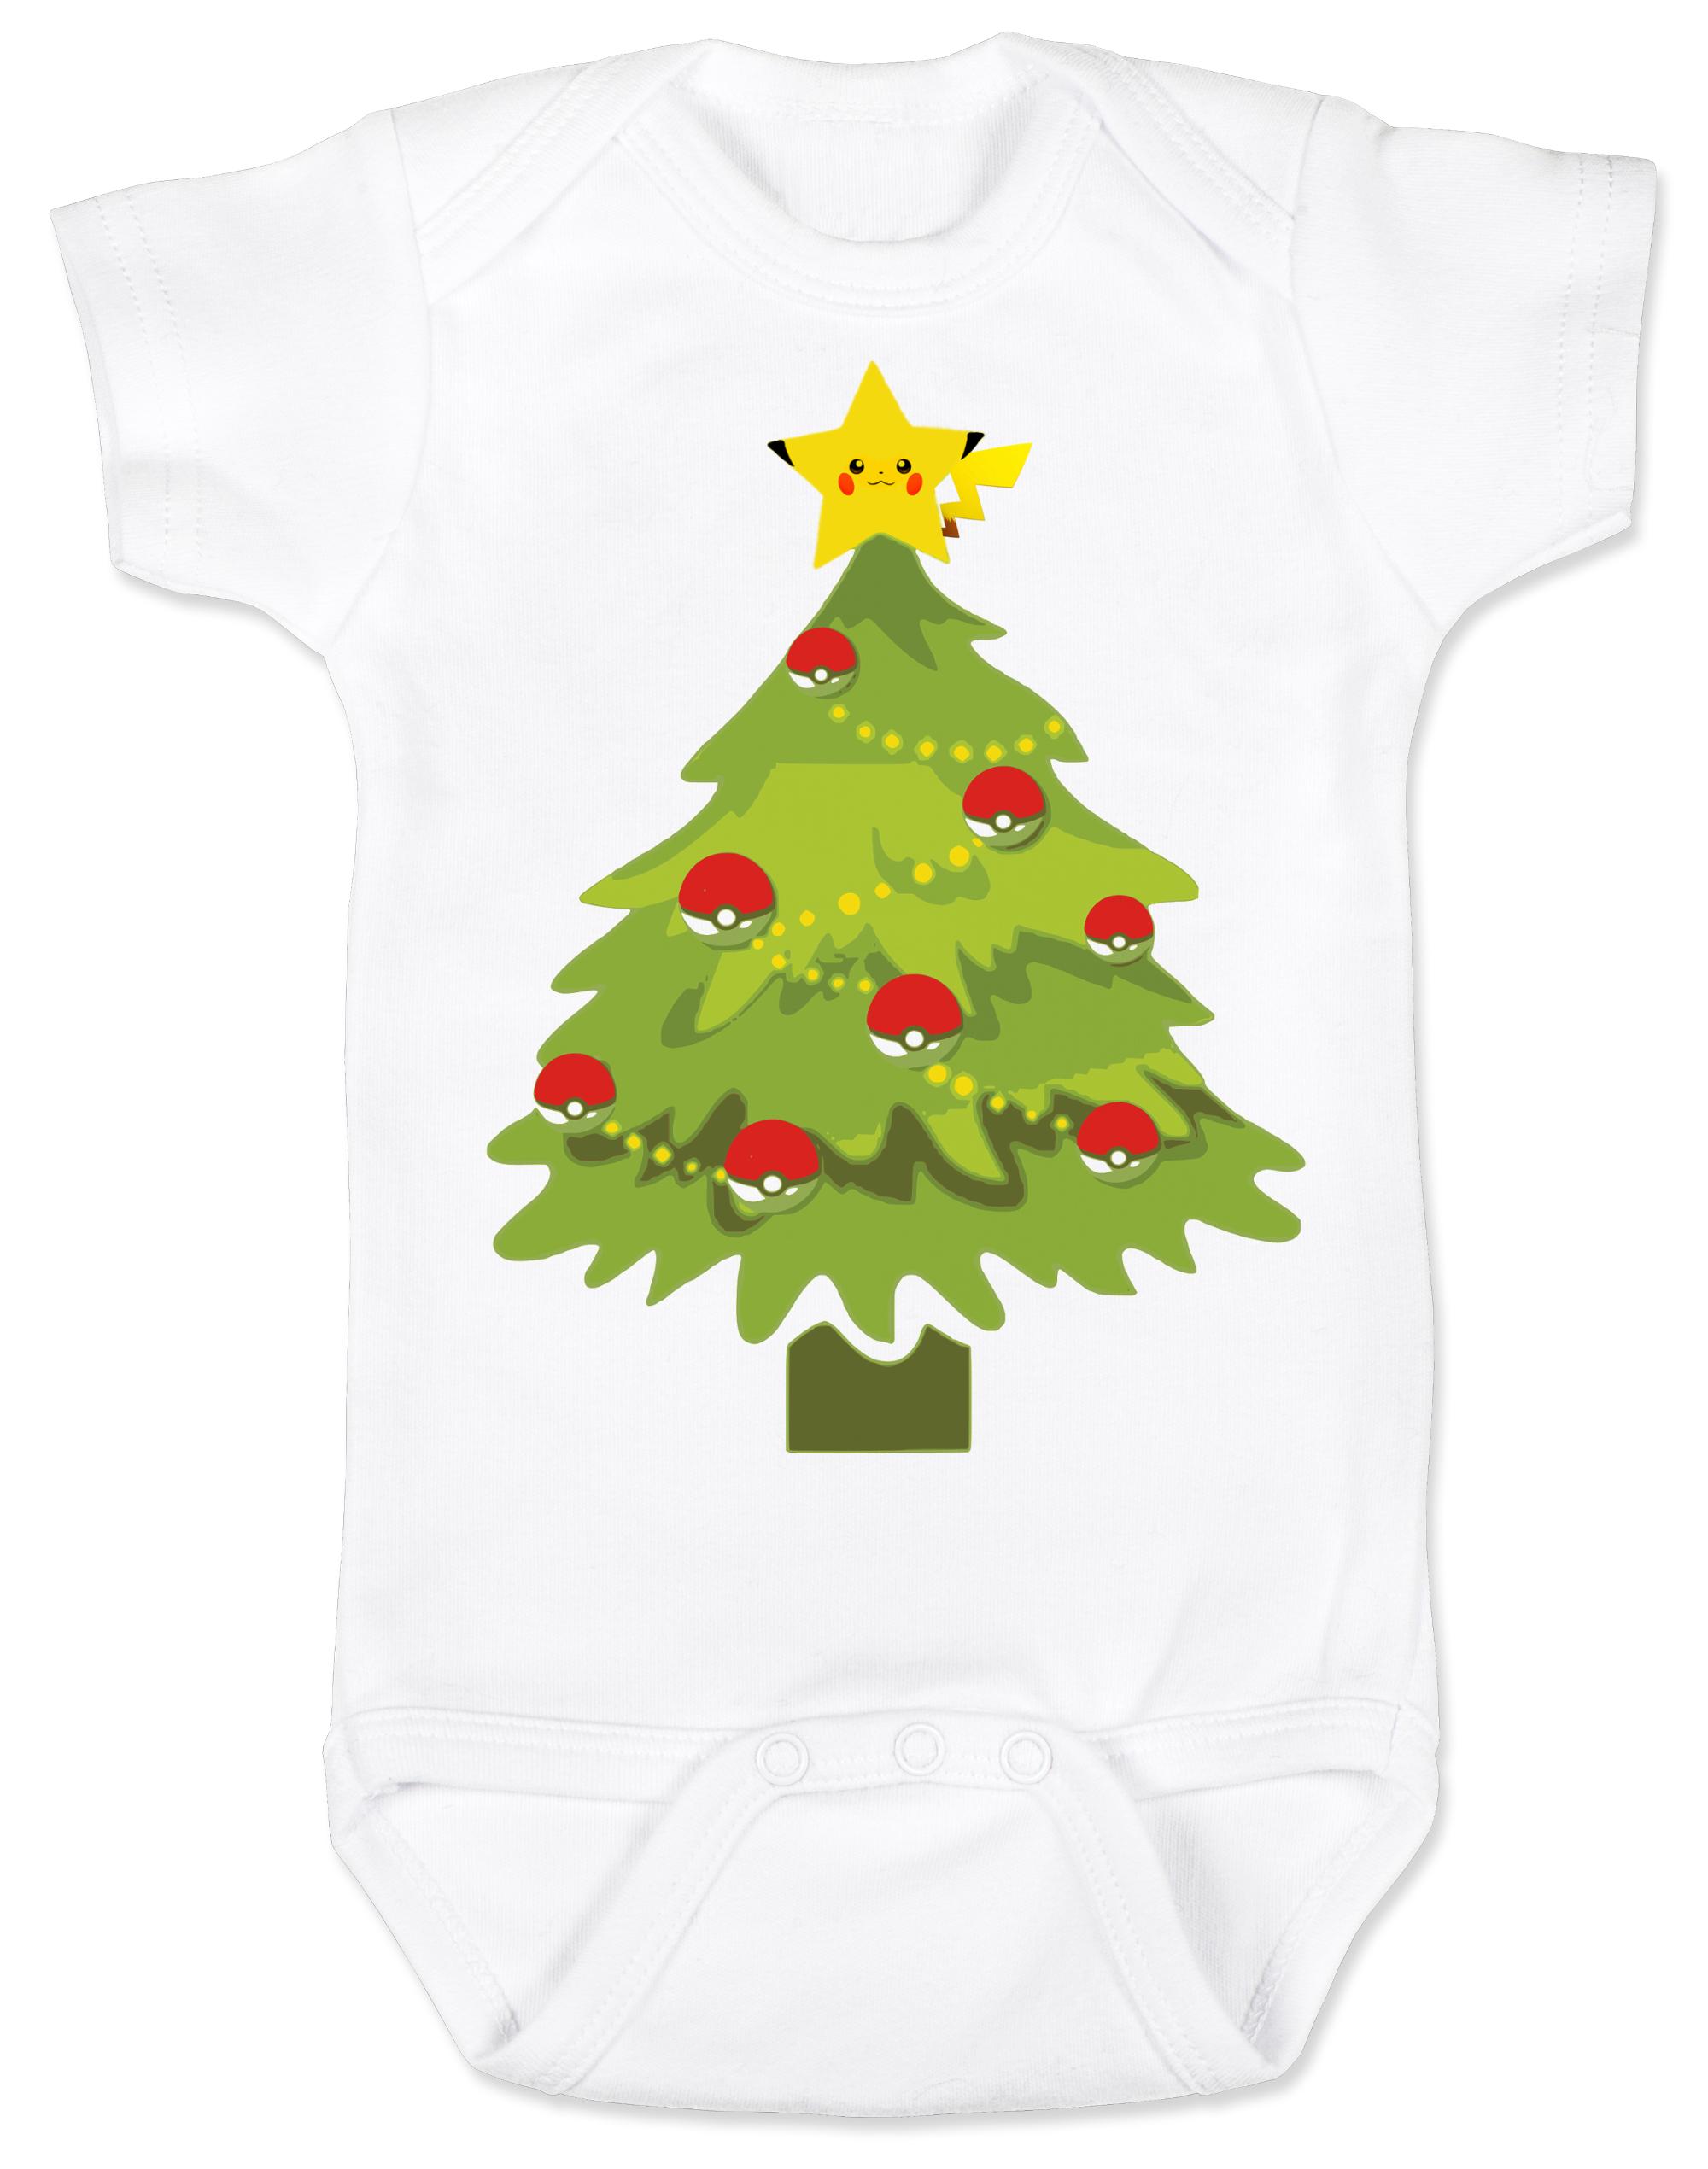 Vulgar Baby s 12 esies of Christmas Vulgar Baby